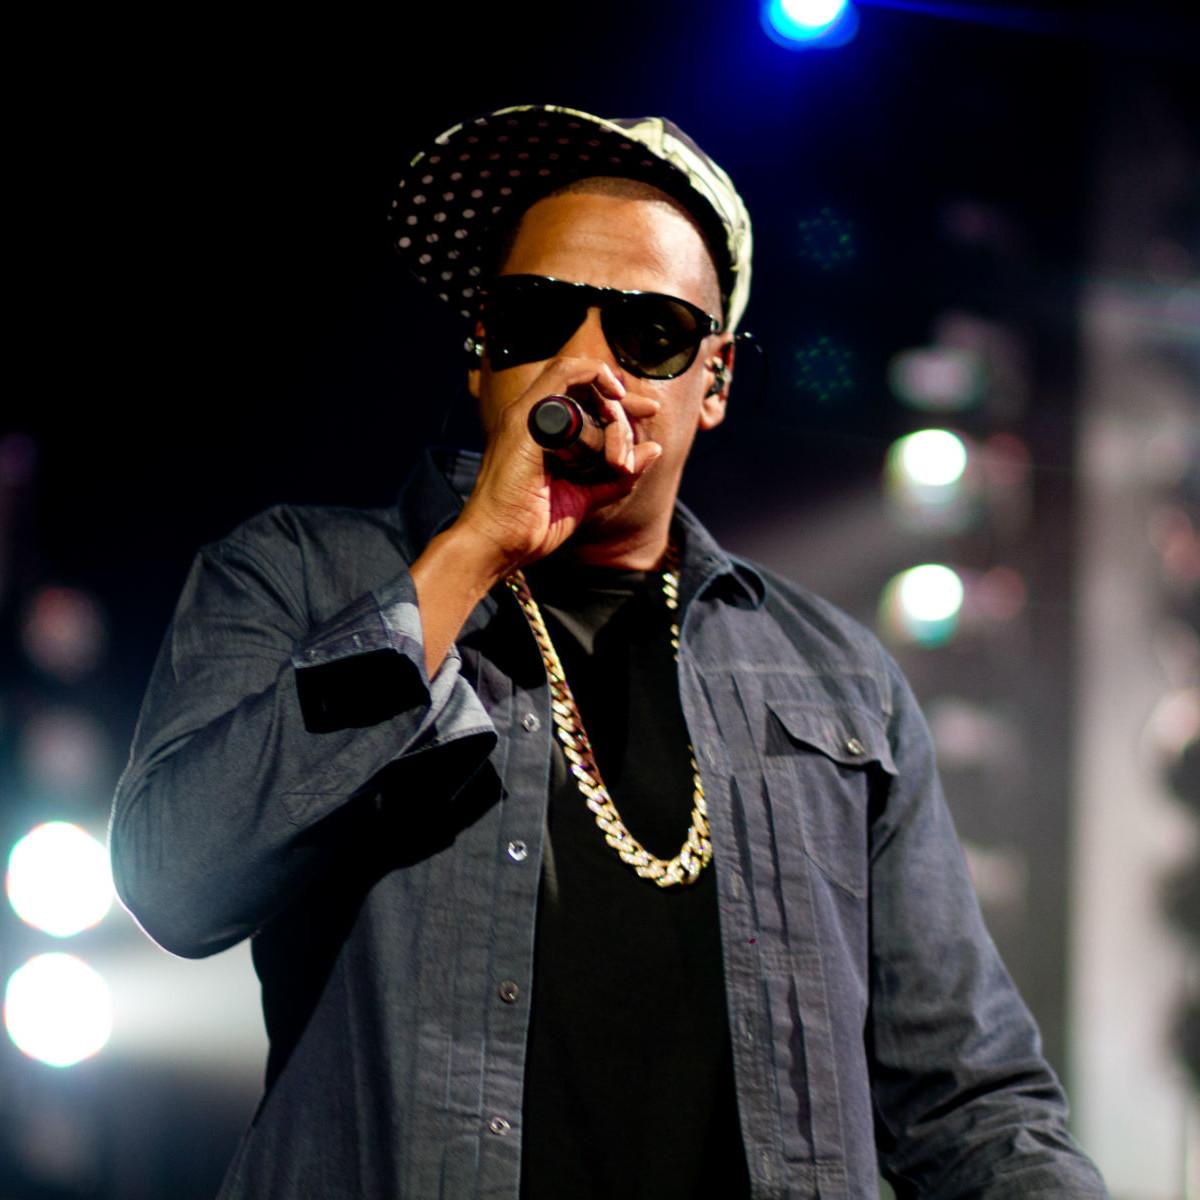 Austin Photo Set: News_Dan_Jay Z_sxsw_march 2012_2